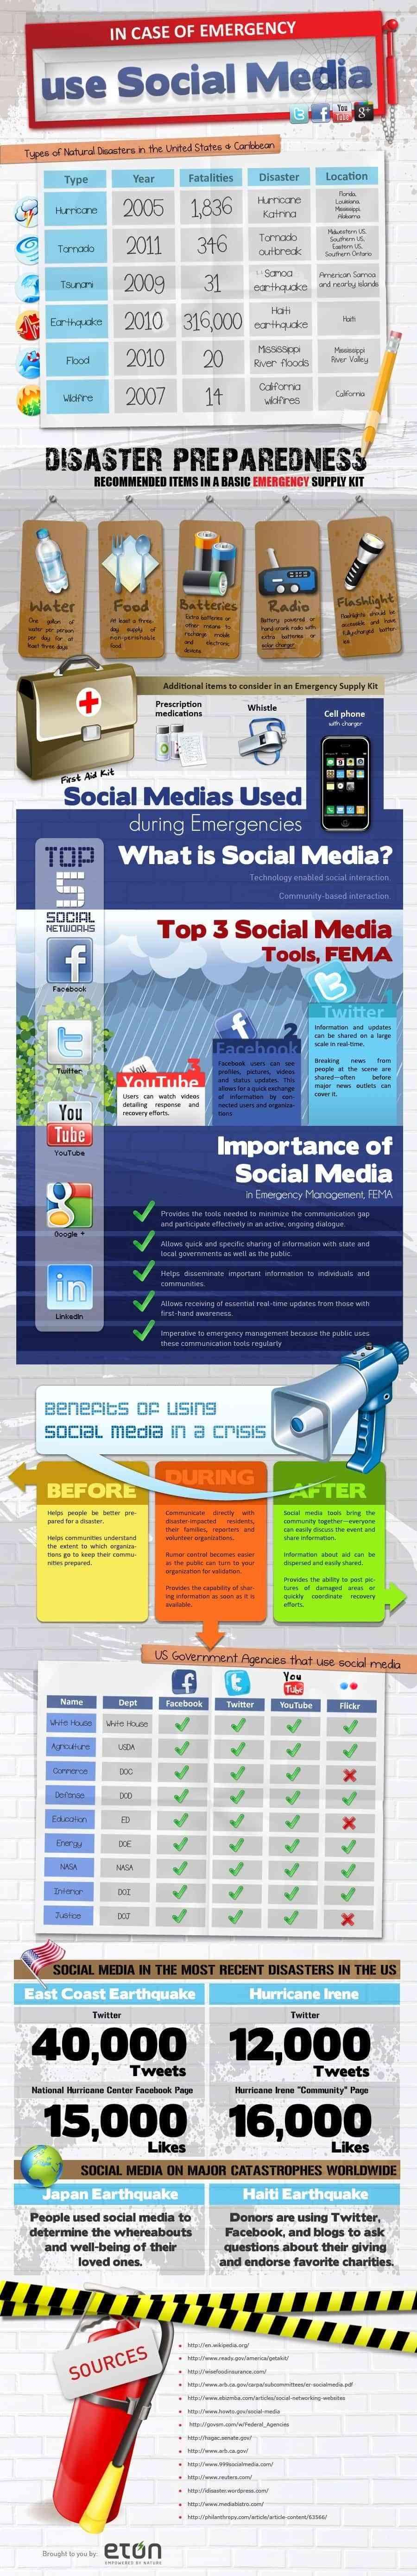 en caso de emergencia usar social media